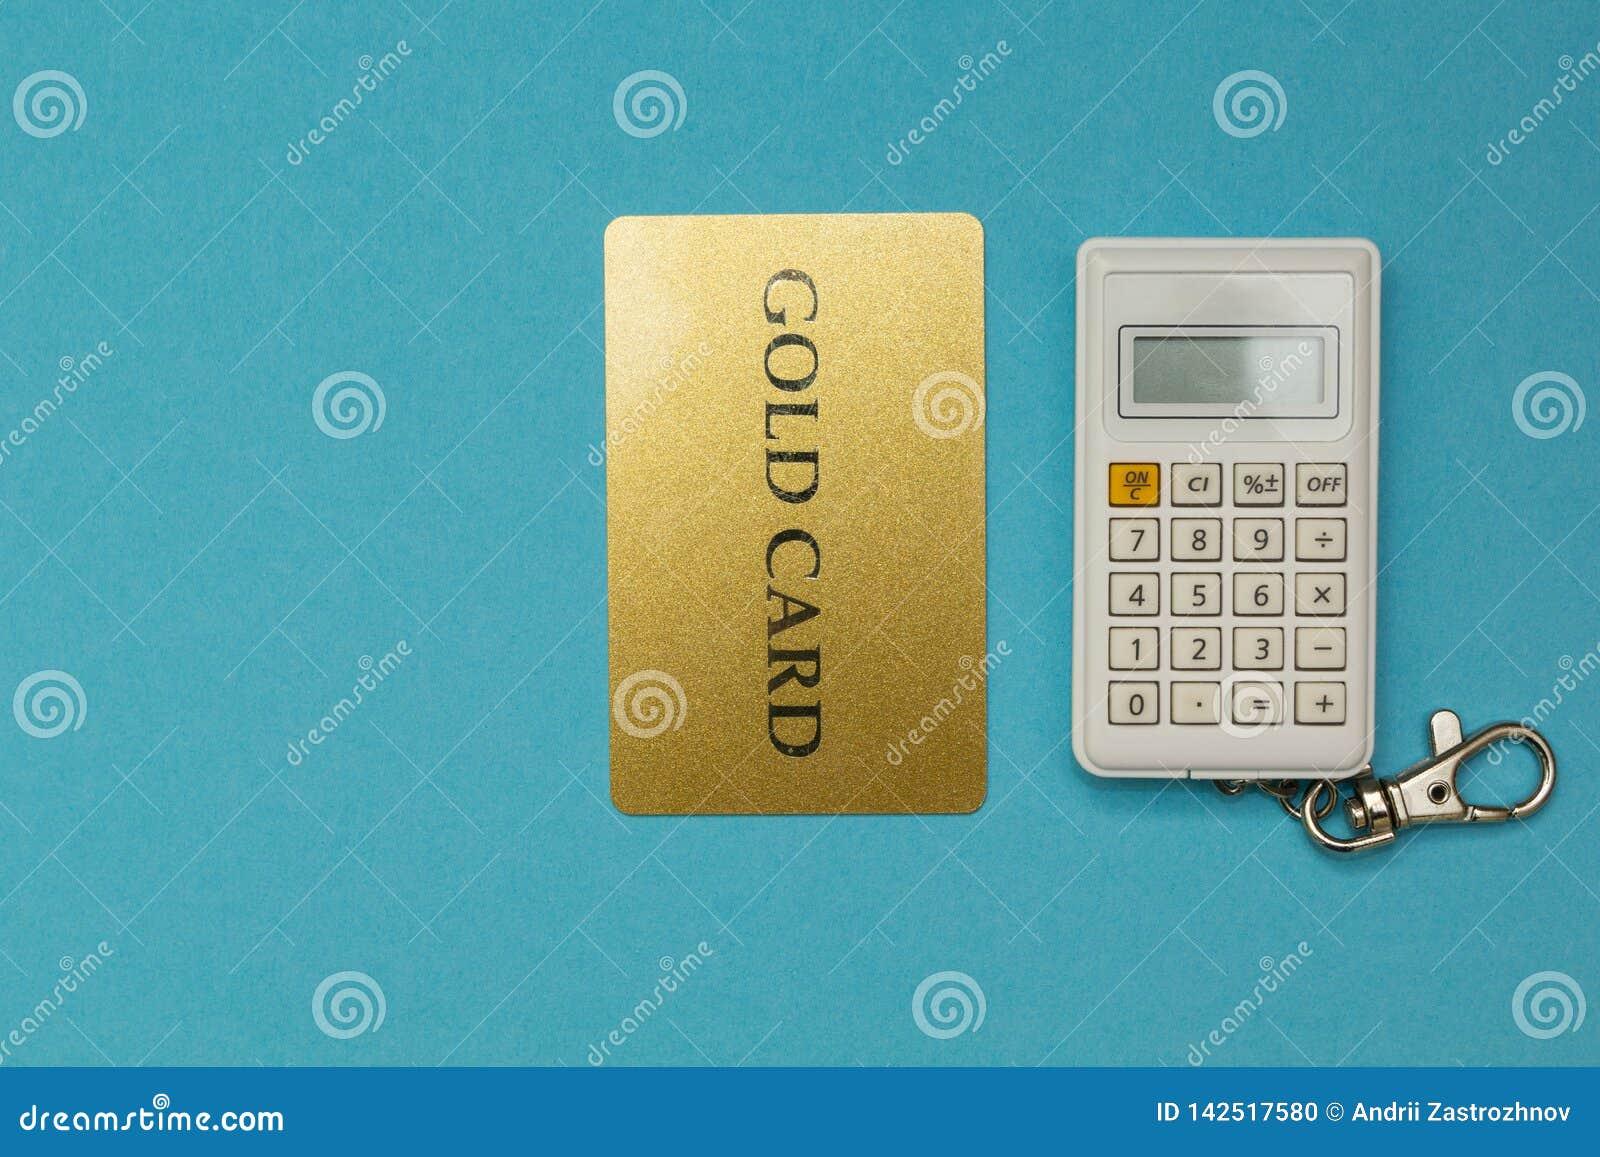 Cartão de crédito no fundo da calculadora no fundo azul